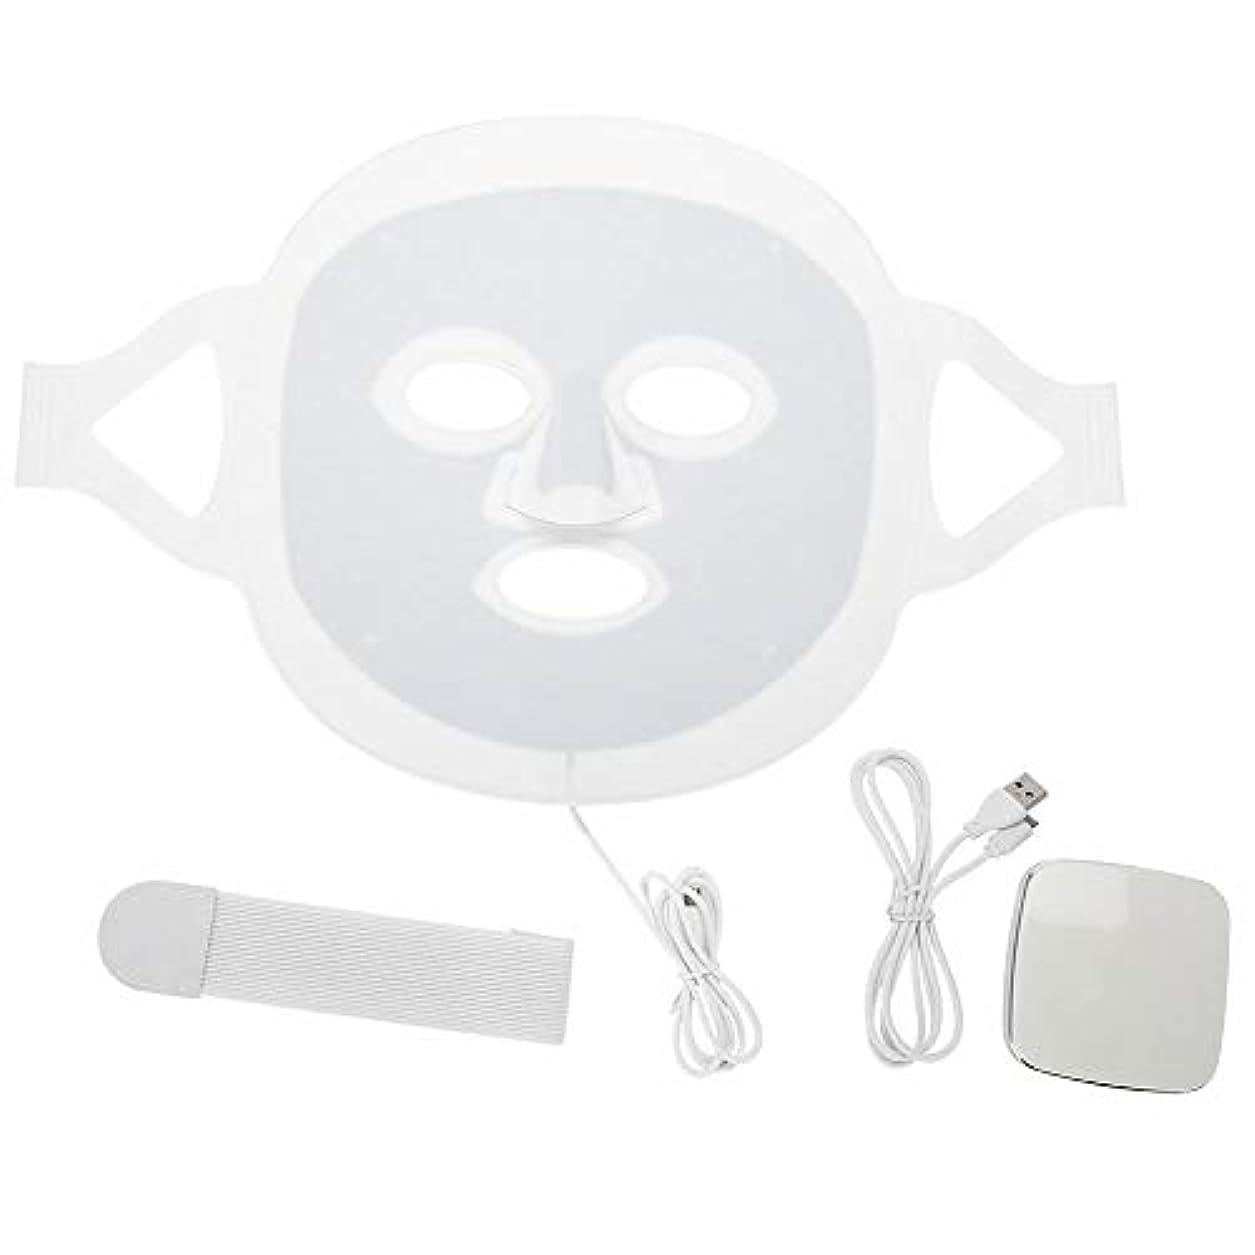 放牧する真剣に密接にLEDマスク3色LEDライトフォトンフェイスマスク肌のより良いにきび除去肌美容機器